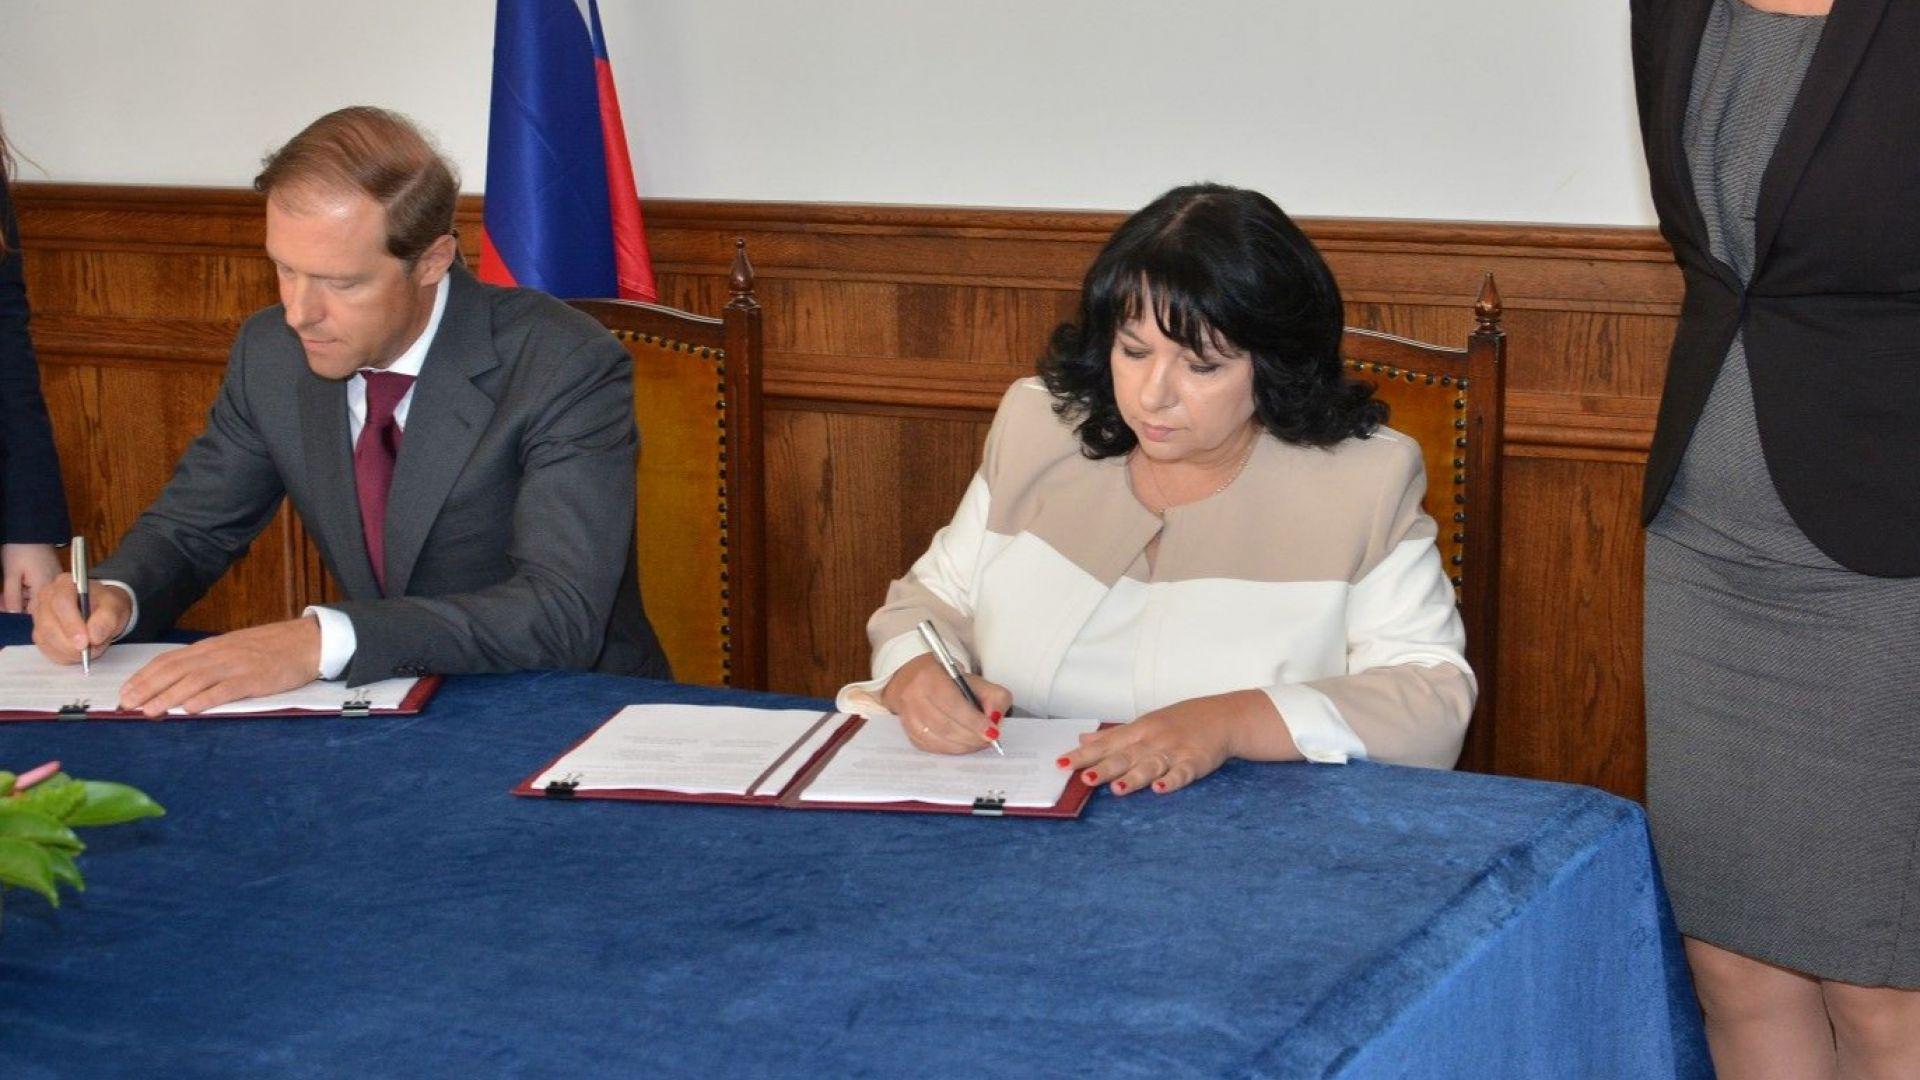 Сътрудничеството между Република България и Руската федерация е дългогодишно и